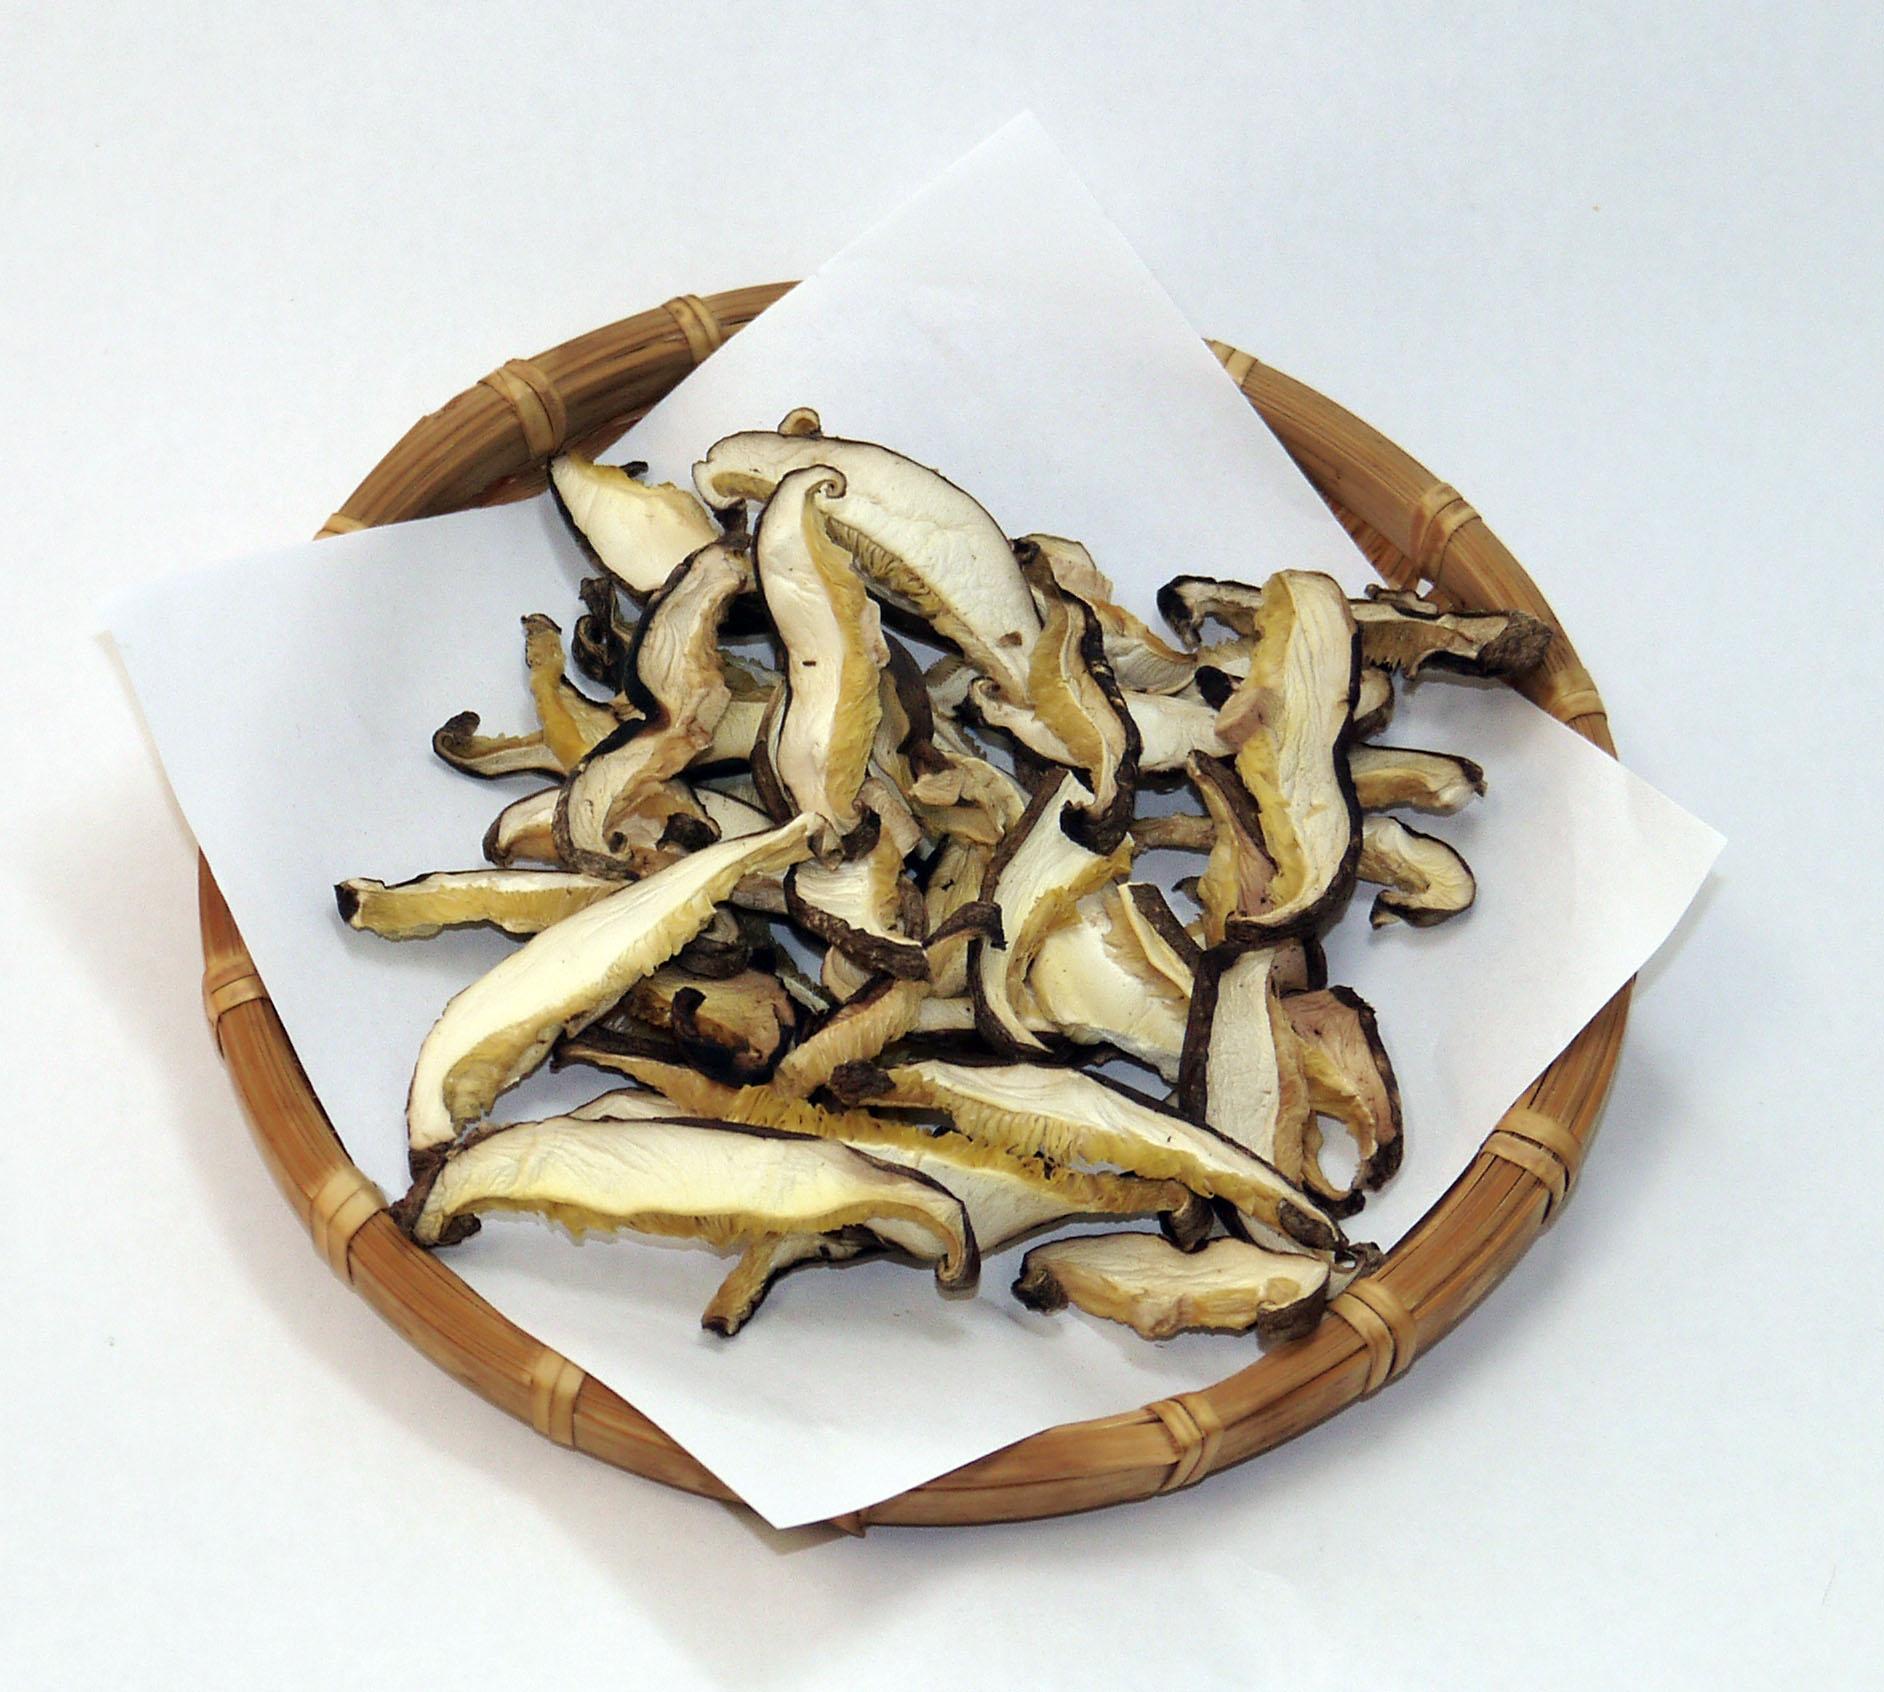 自社栽培で採れたての椎茸を生のまま5ミリにスライス加工し、乾燥させました